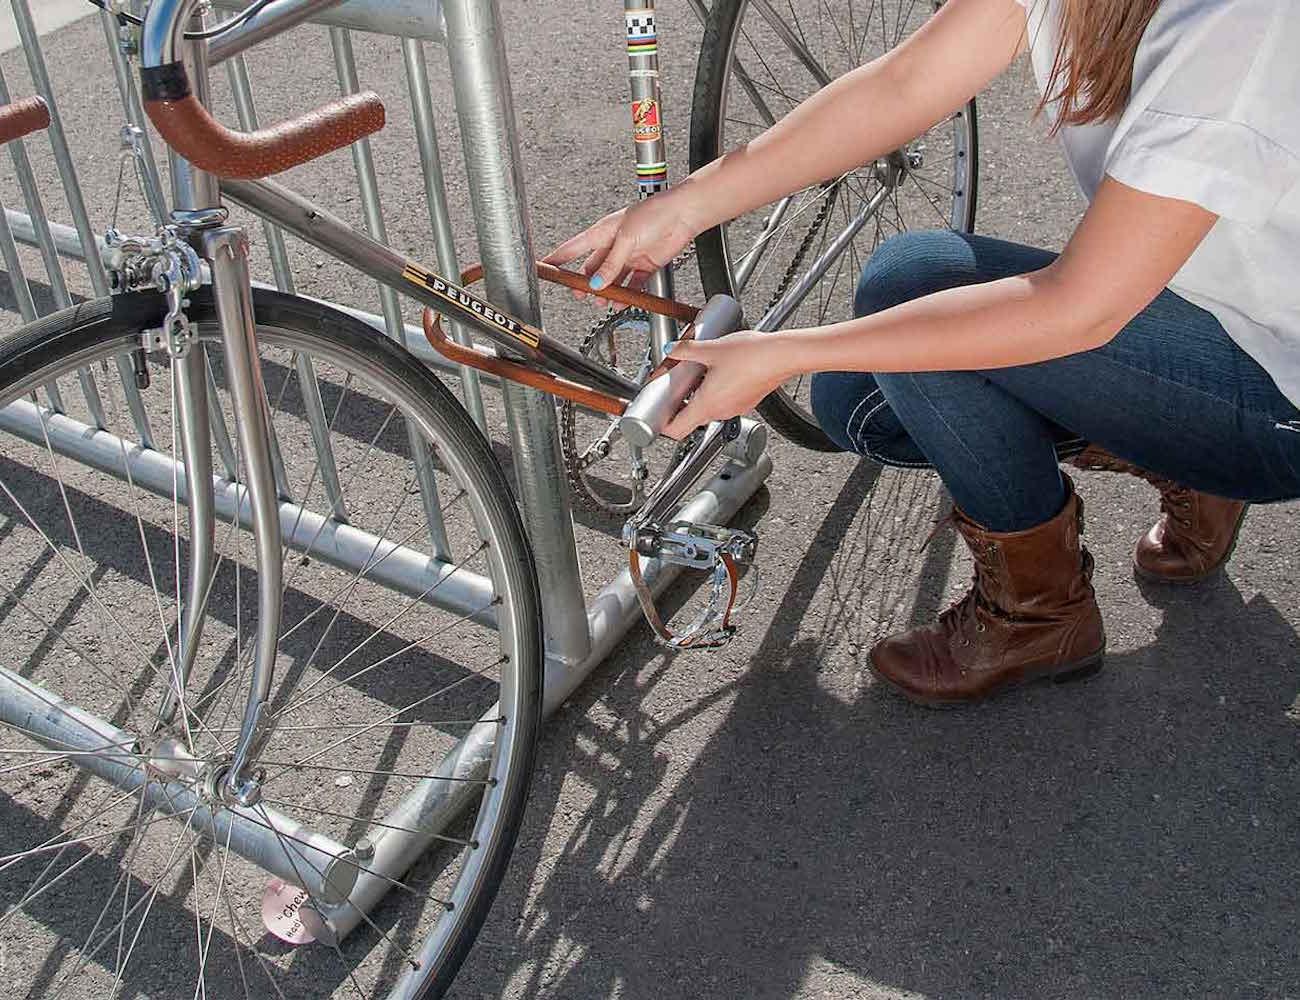 Noke U-Lock – The Smartphone Enabled Bike Lock